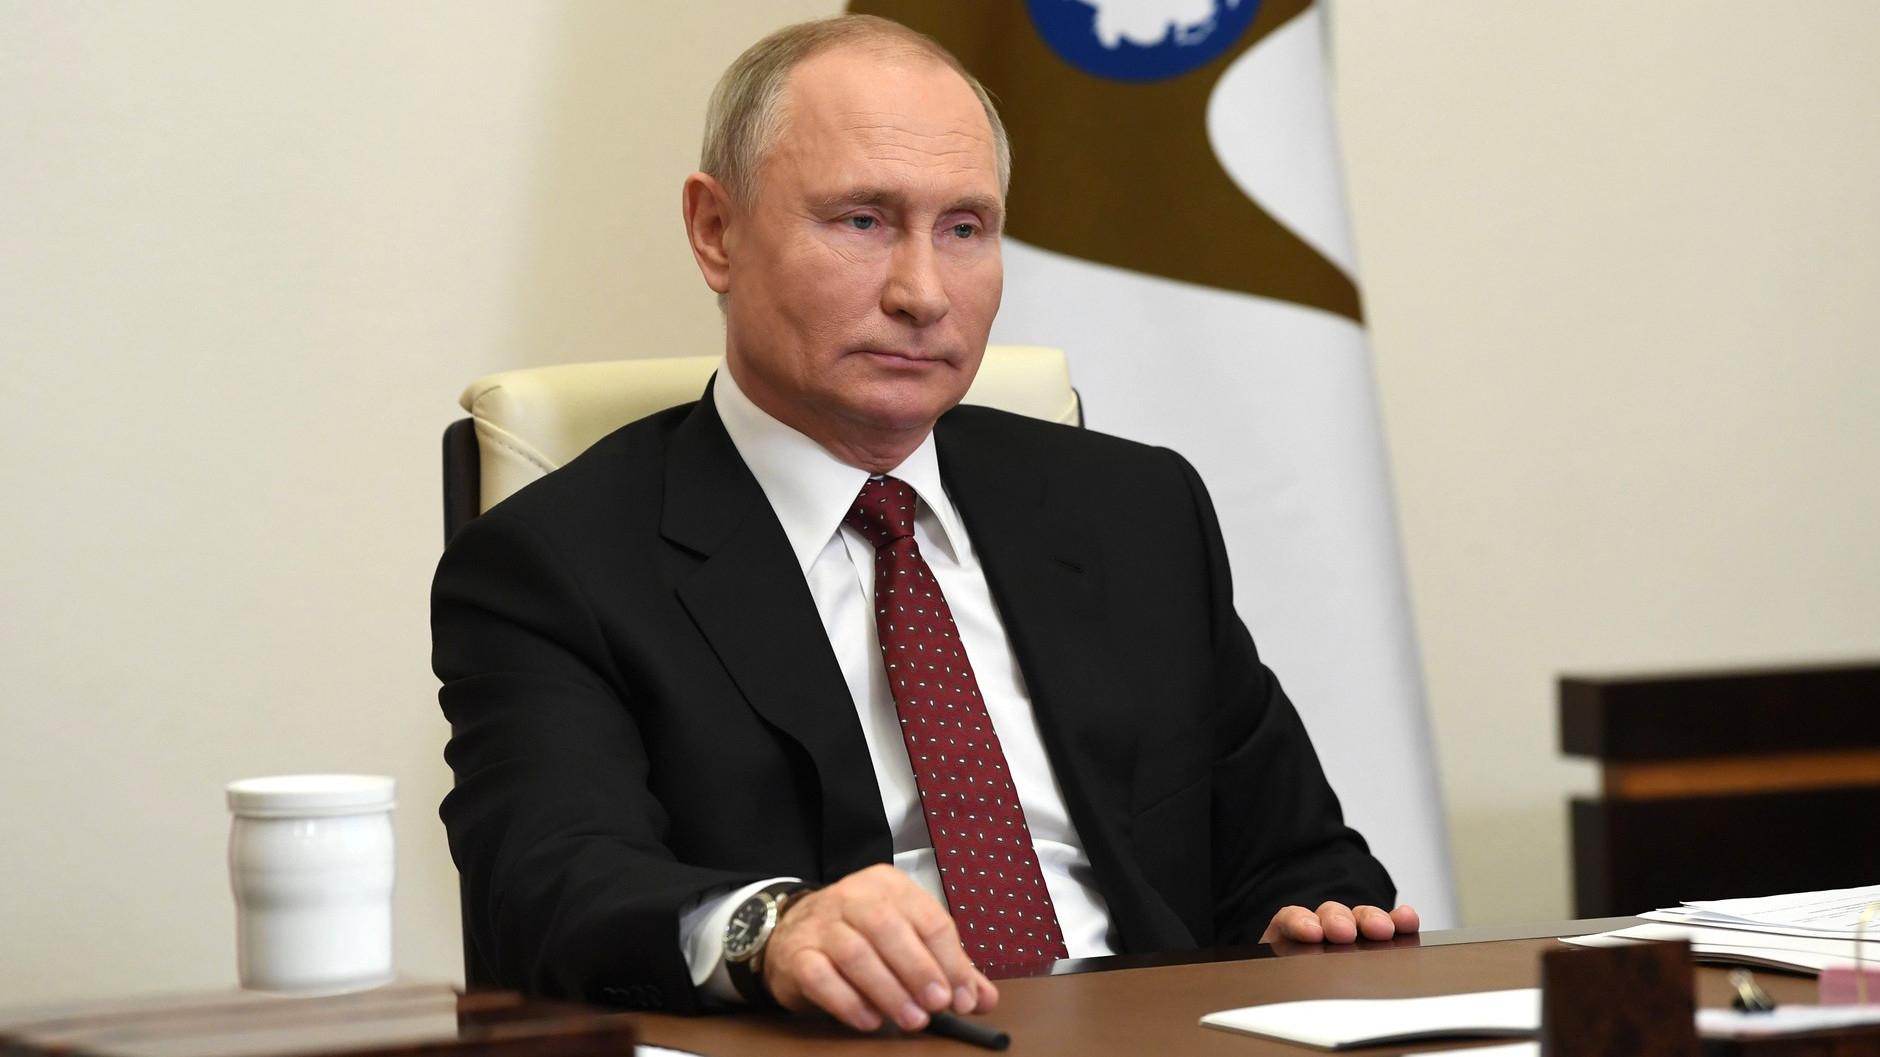 Путин наградил актера Векслера почетным званием «Заслуженный артист России»